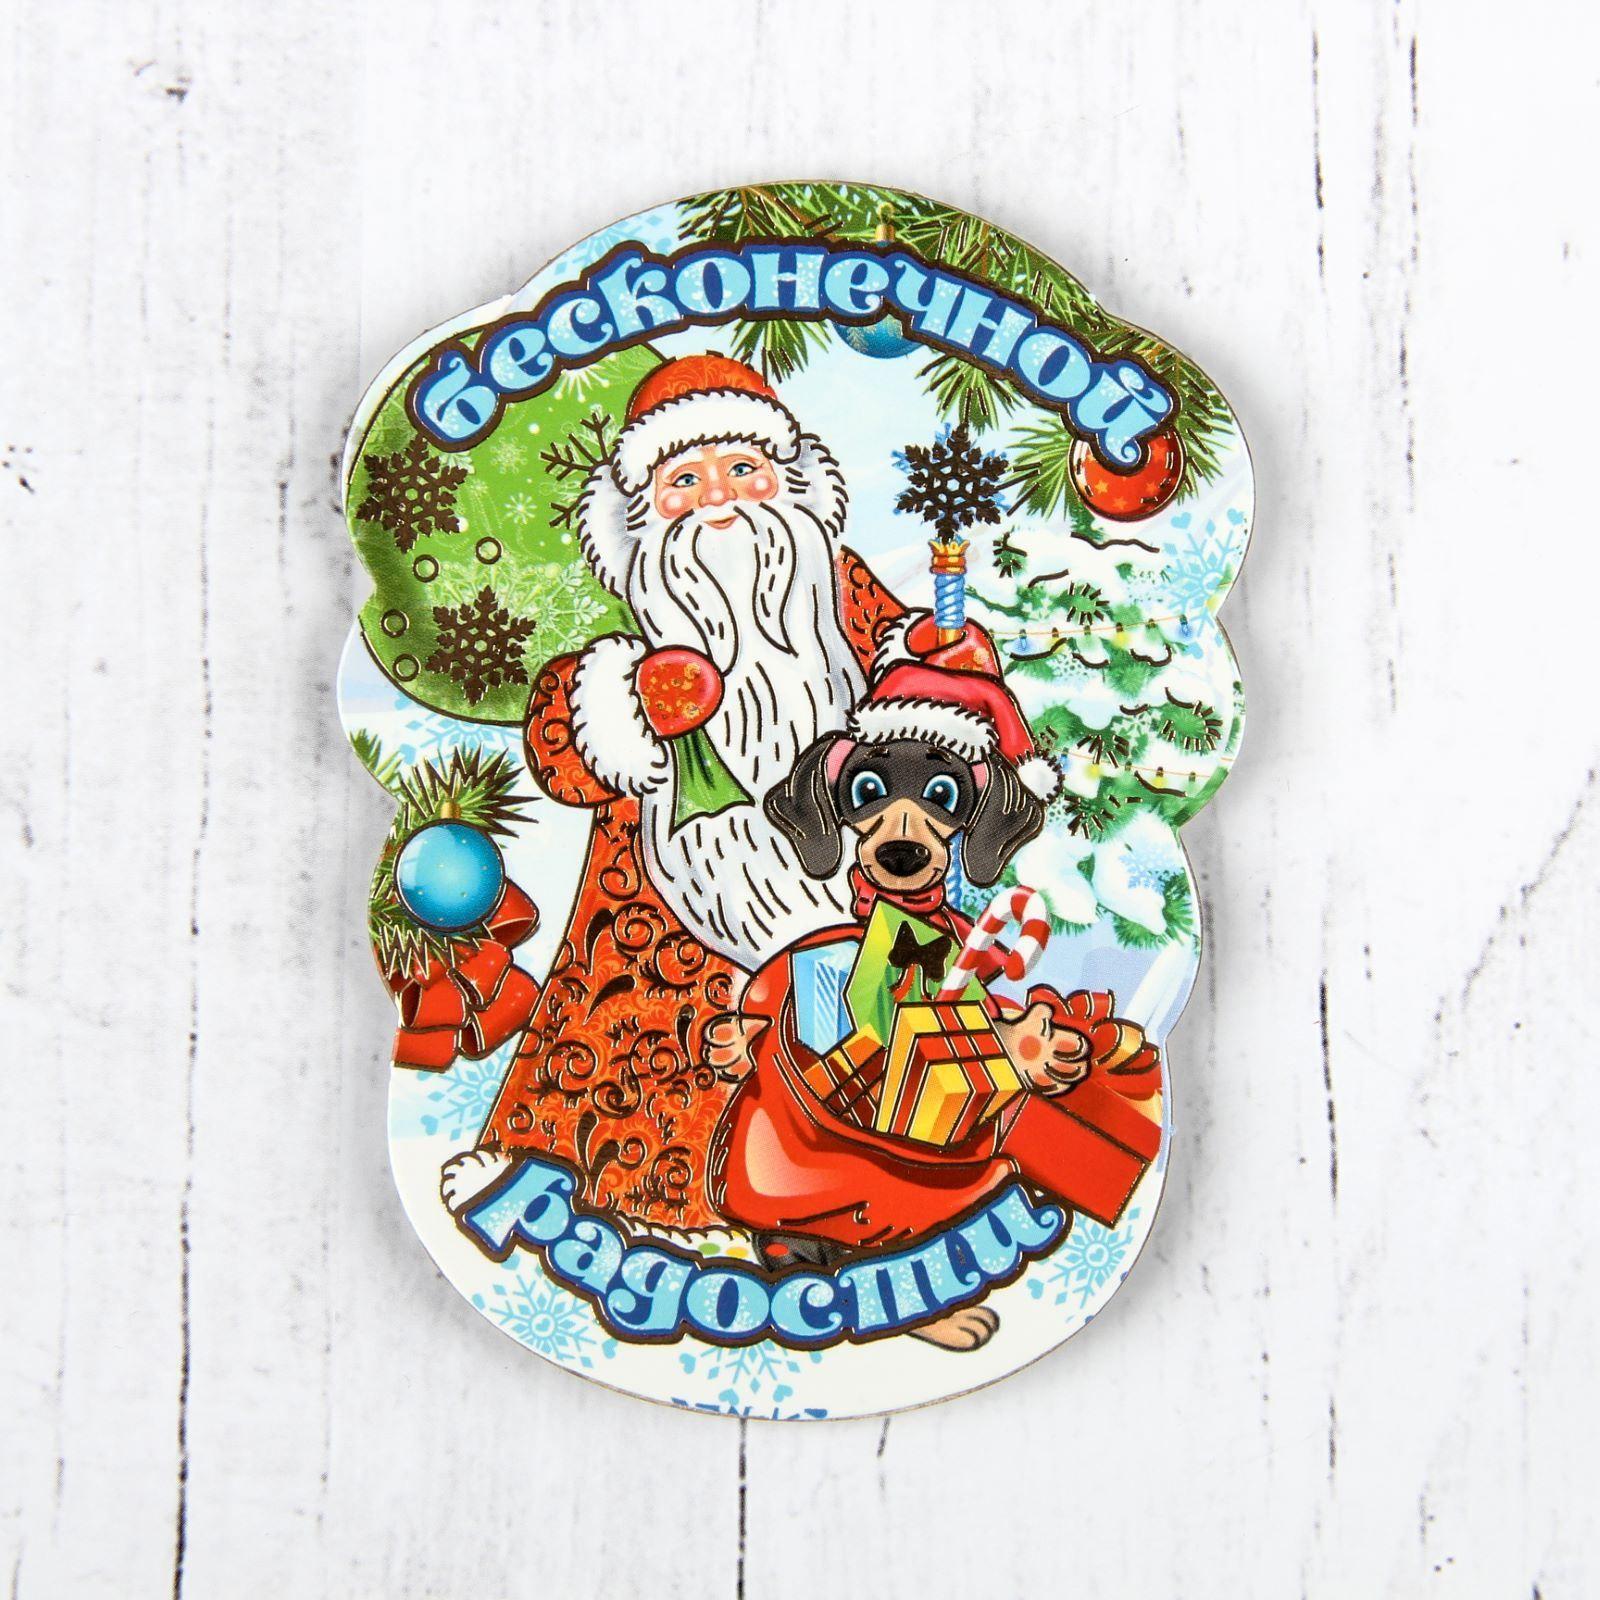 Магнит Sima-land Новогодний. 2018, 10 х 7,5 см. 25324062532406Порадуйте родных и близких оригинальным сувениром: преподнесите в подарок магнит. С ним даже самый серьезный человек почувствует себя ребенком, ожидающим чудо! Прикрепите его к любой металлической поверхности, и он удержит на виду важные записки, любовные послания или просто список продуктов.Создайте праздничное настроение, и оно останется с вами на весь год.